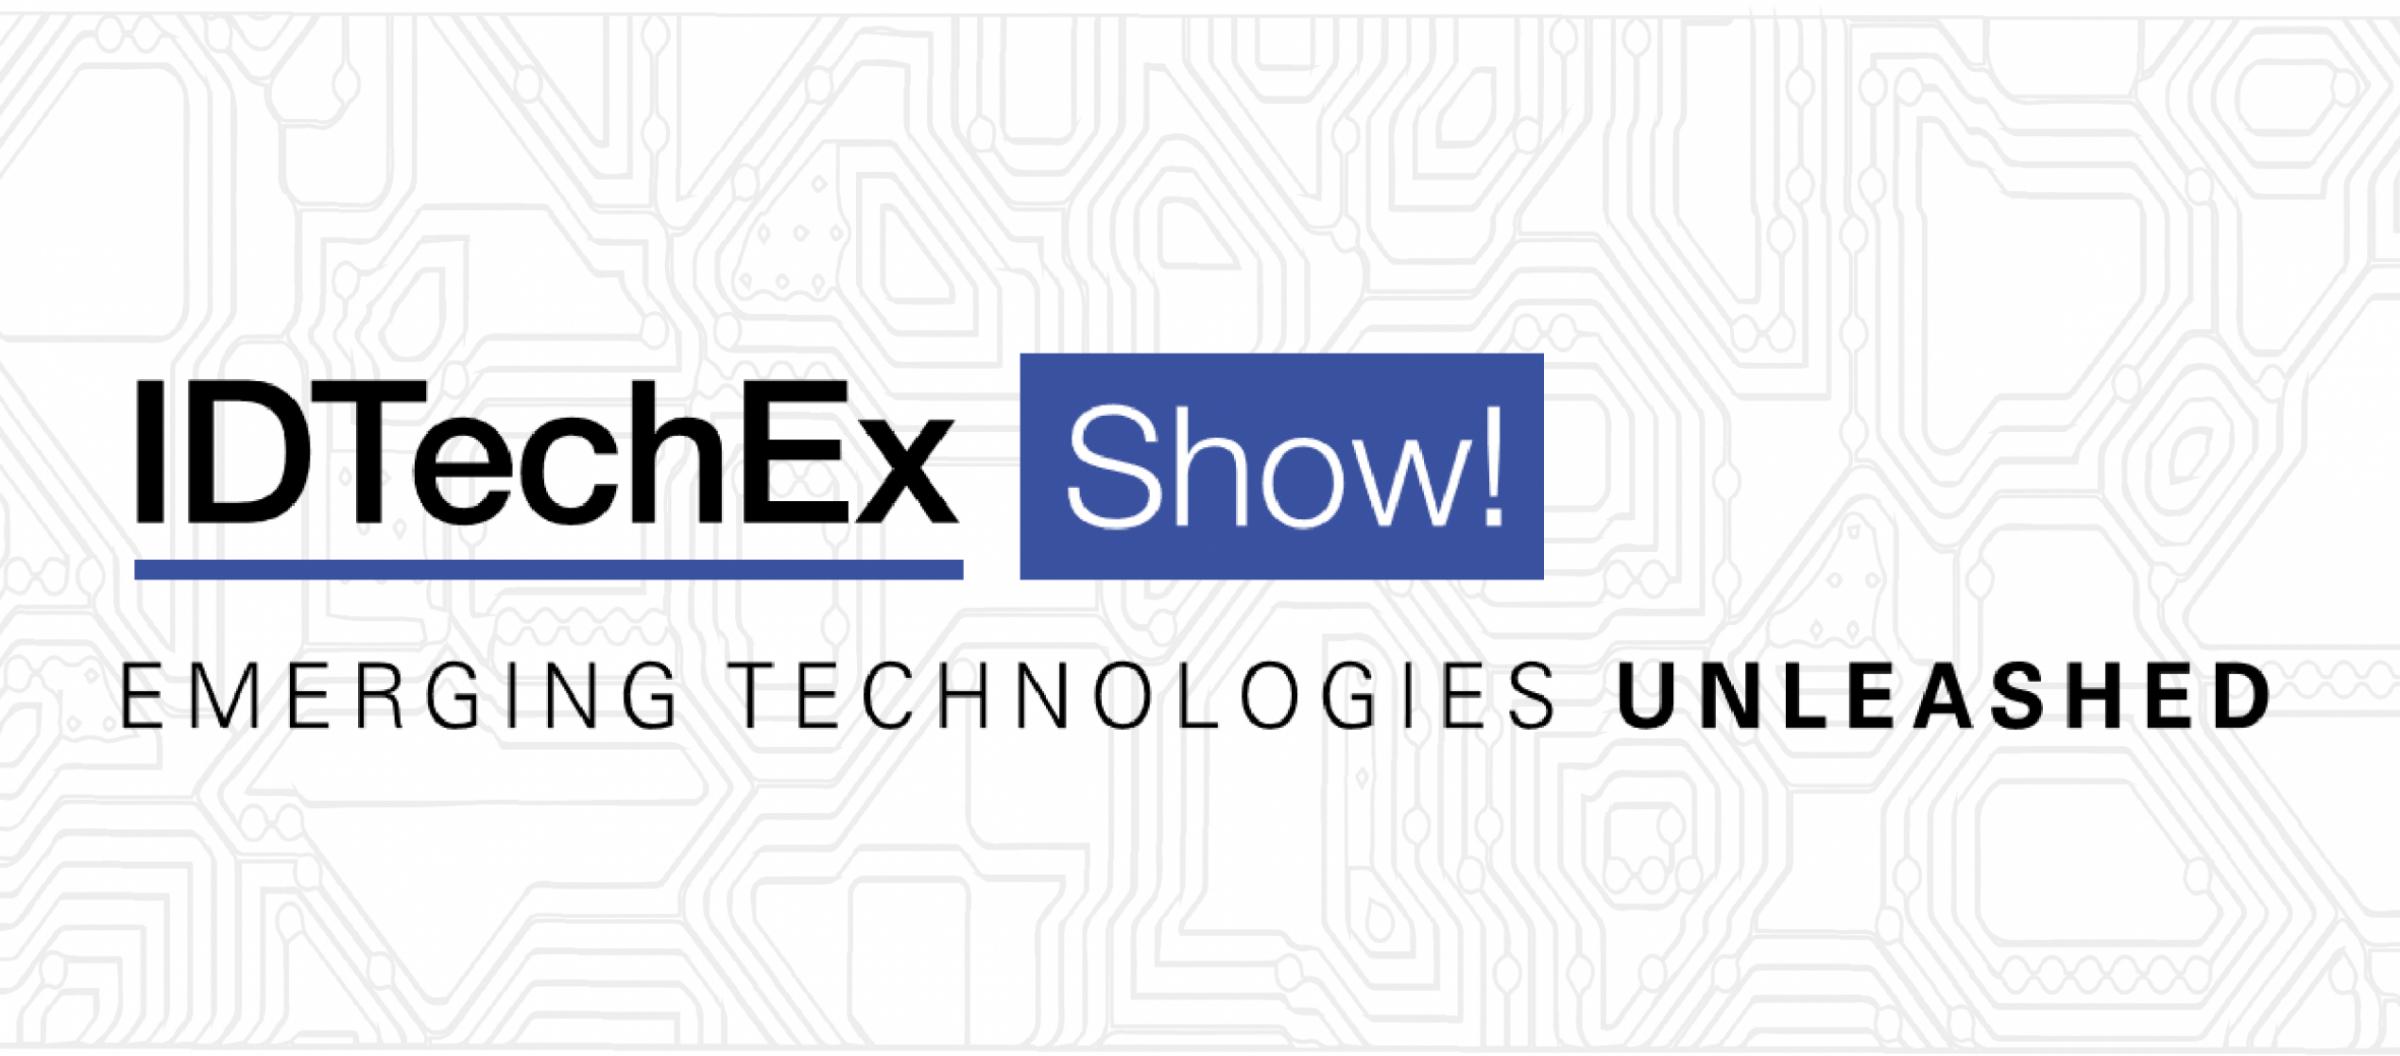 IDTechEX 2019 Berlin